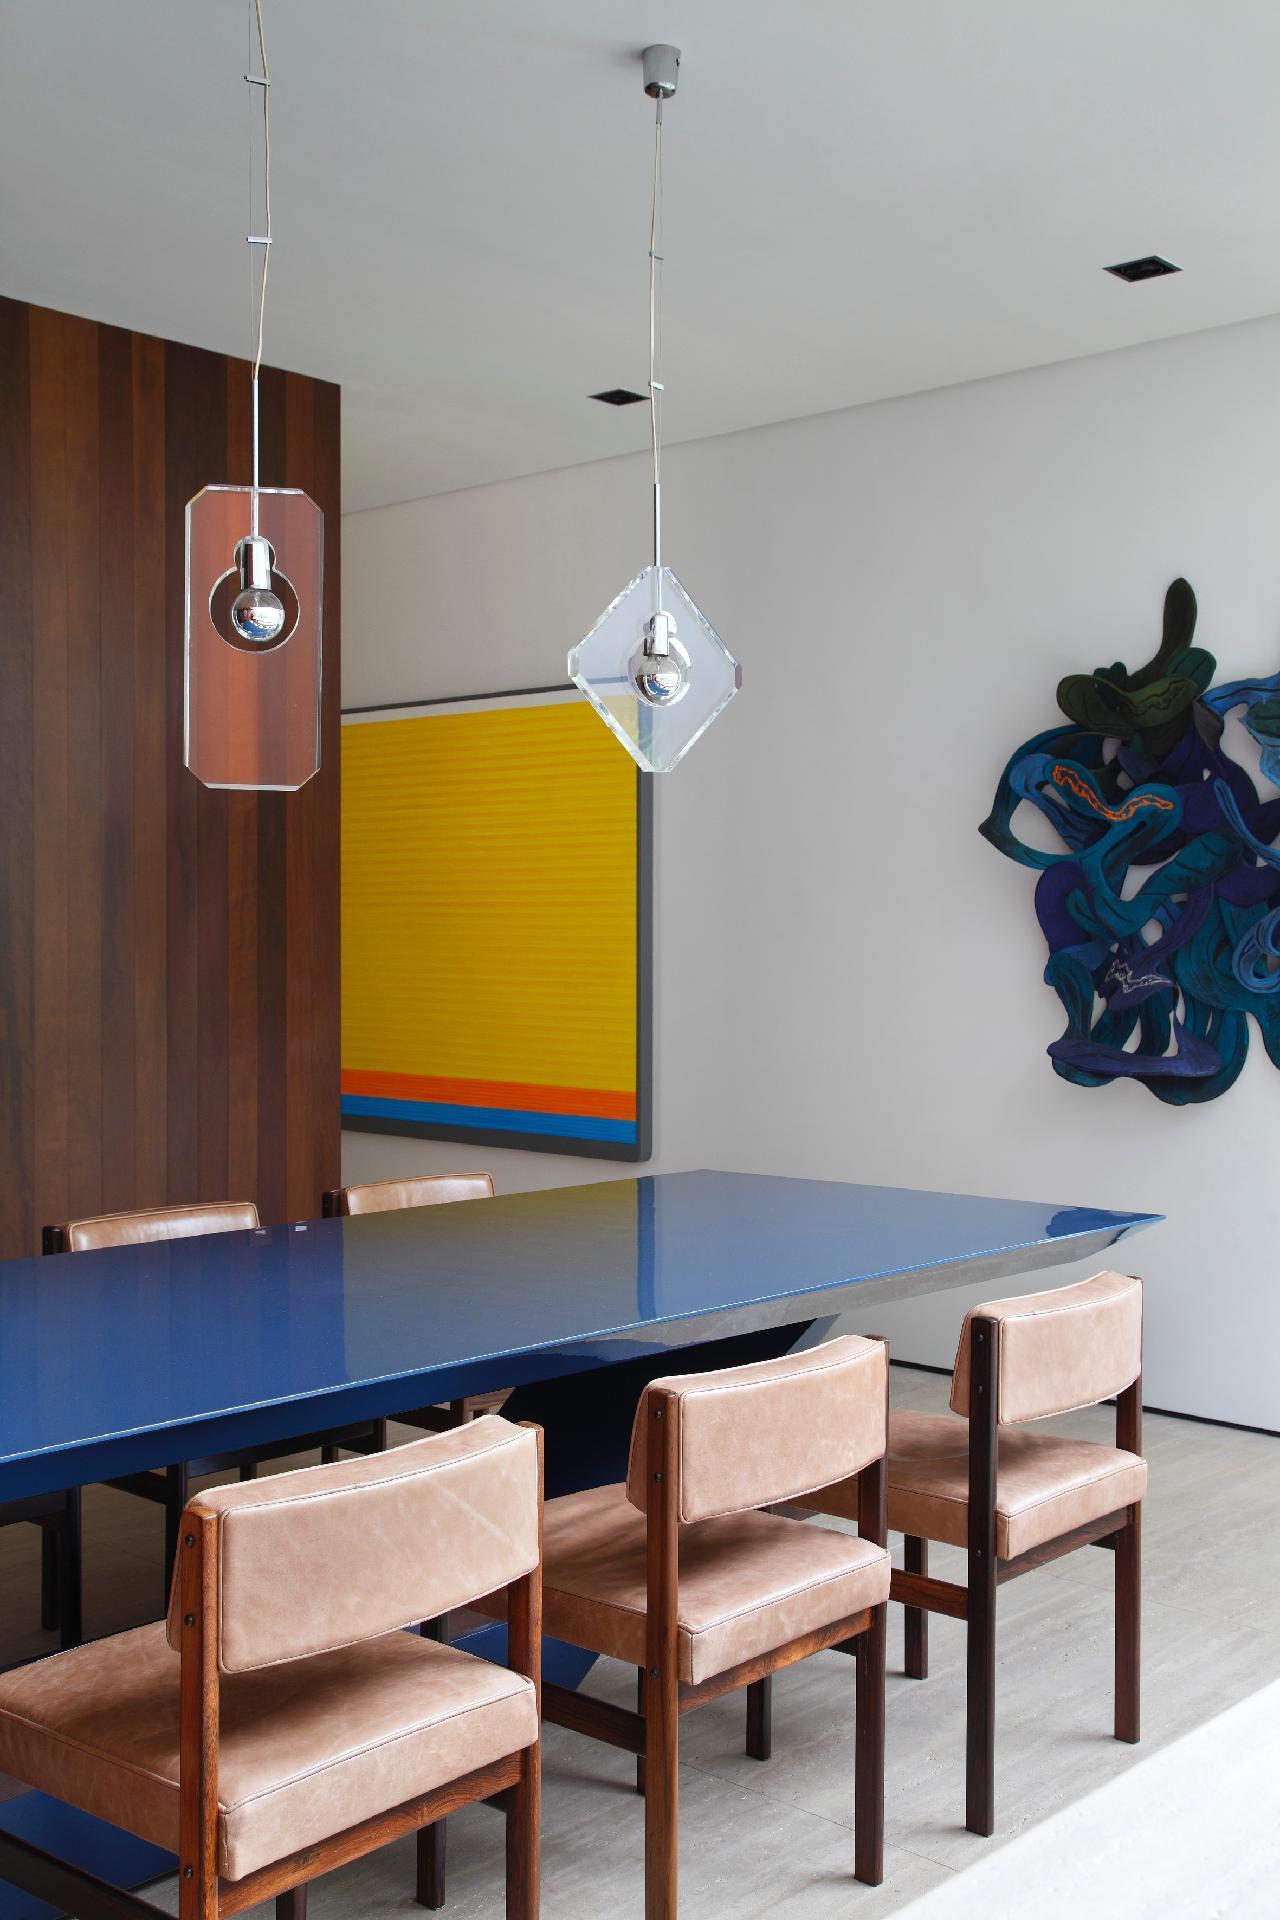 A mesa de jantar da casa AH foi desenhada pela equipe do Studio Guilherme Torres, que também é responsável pelos projetos de arquitetura e de interiores desta residência paulistana